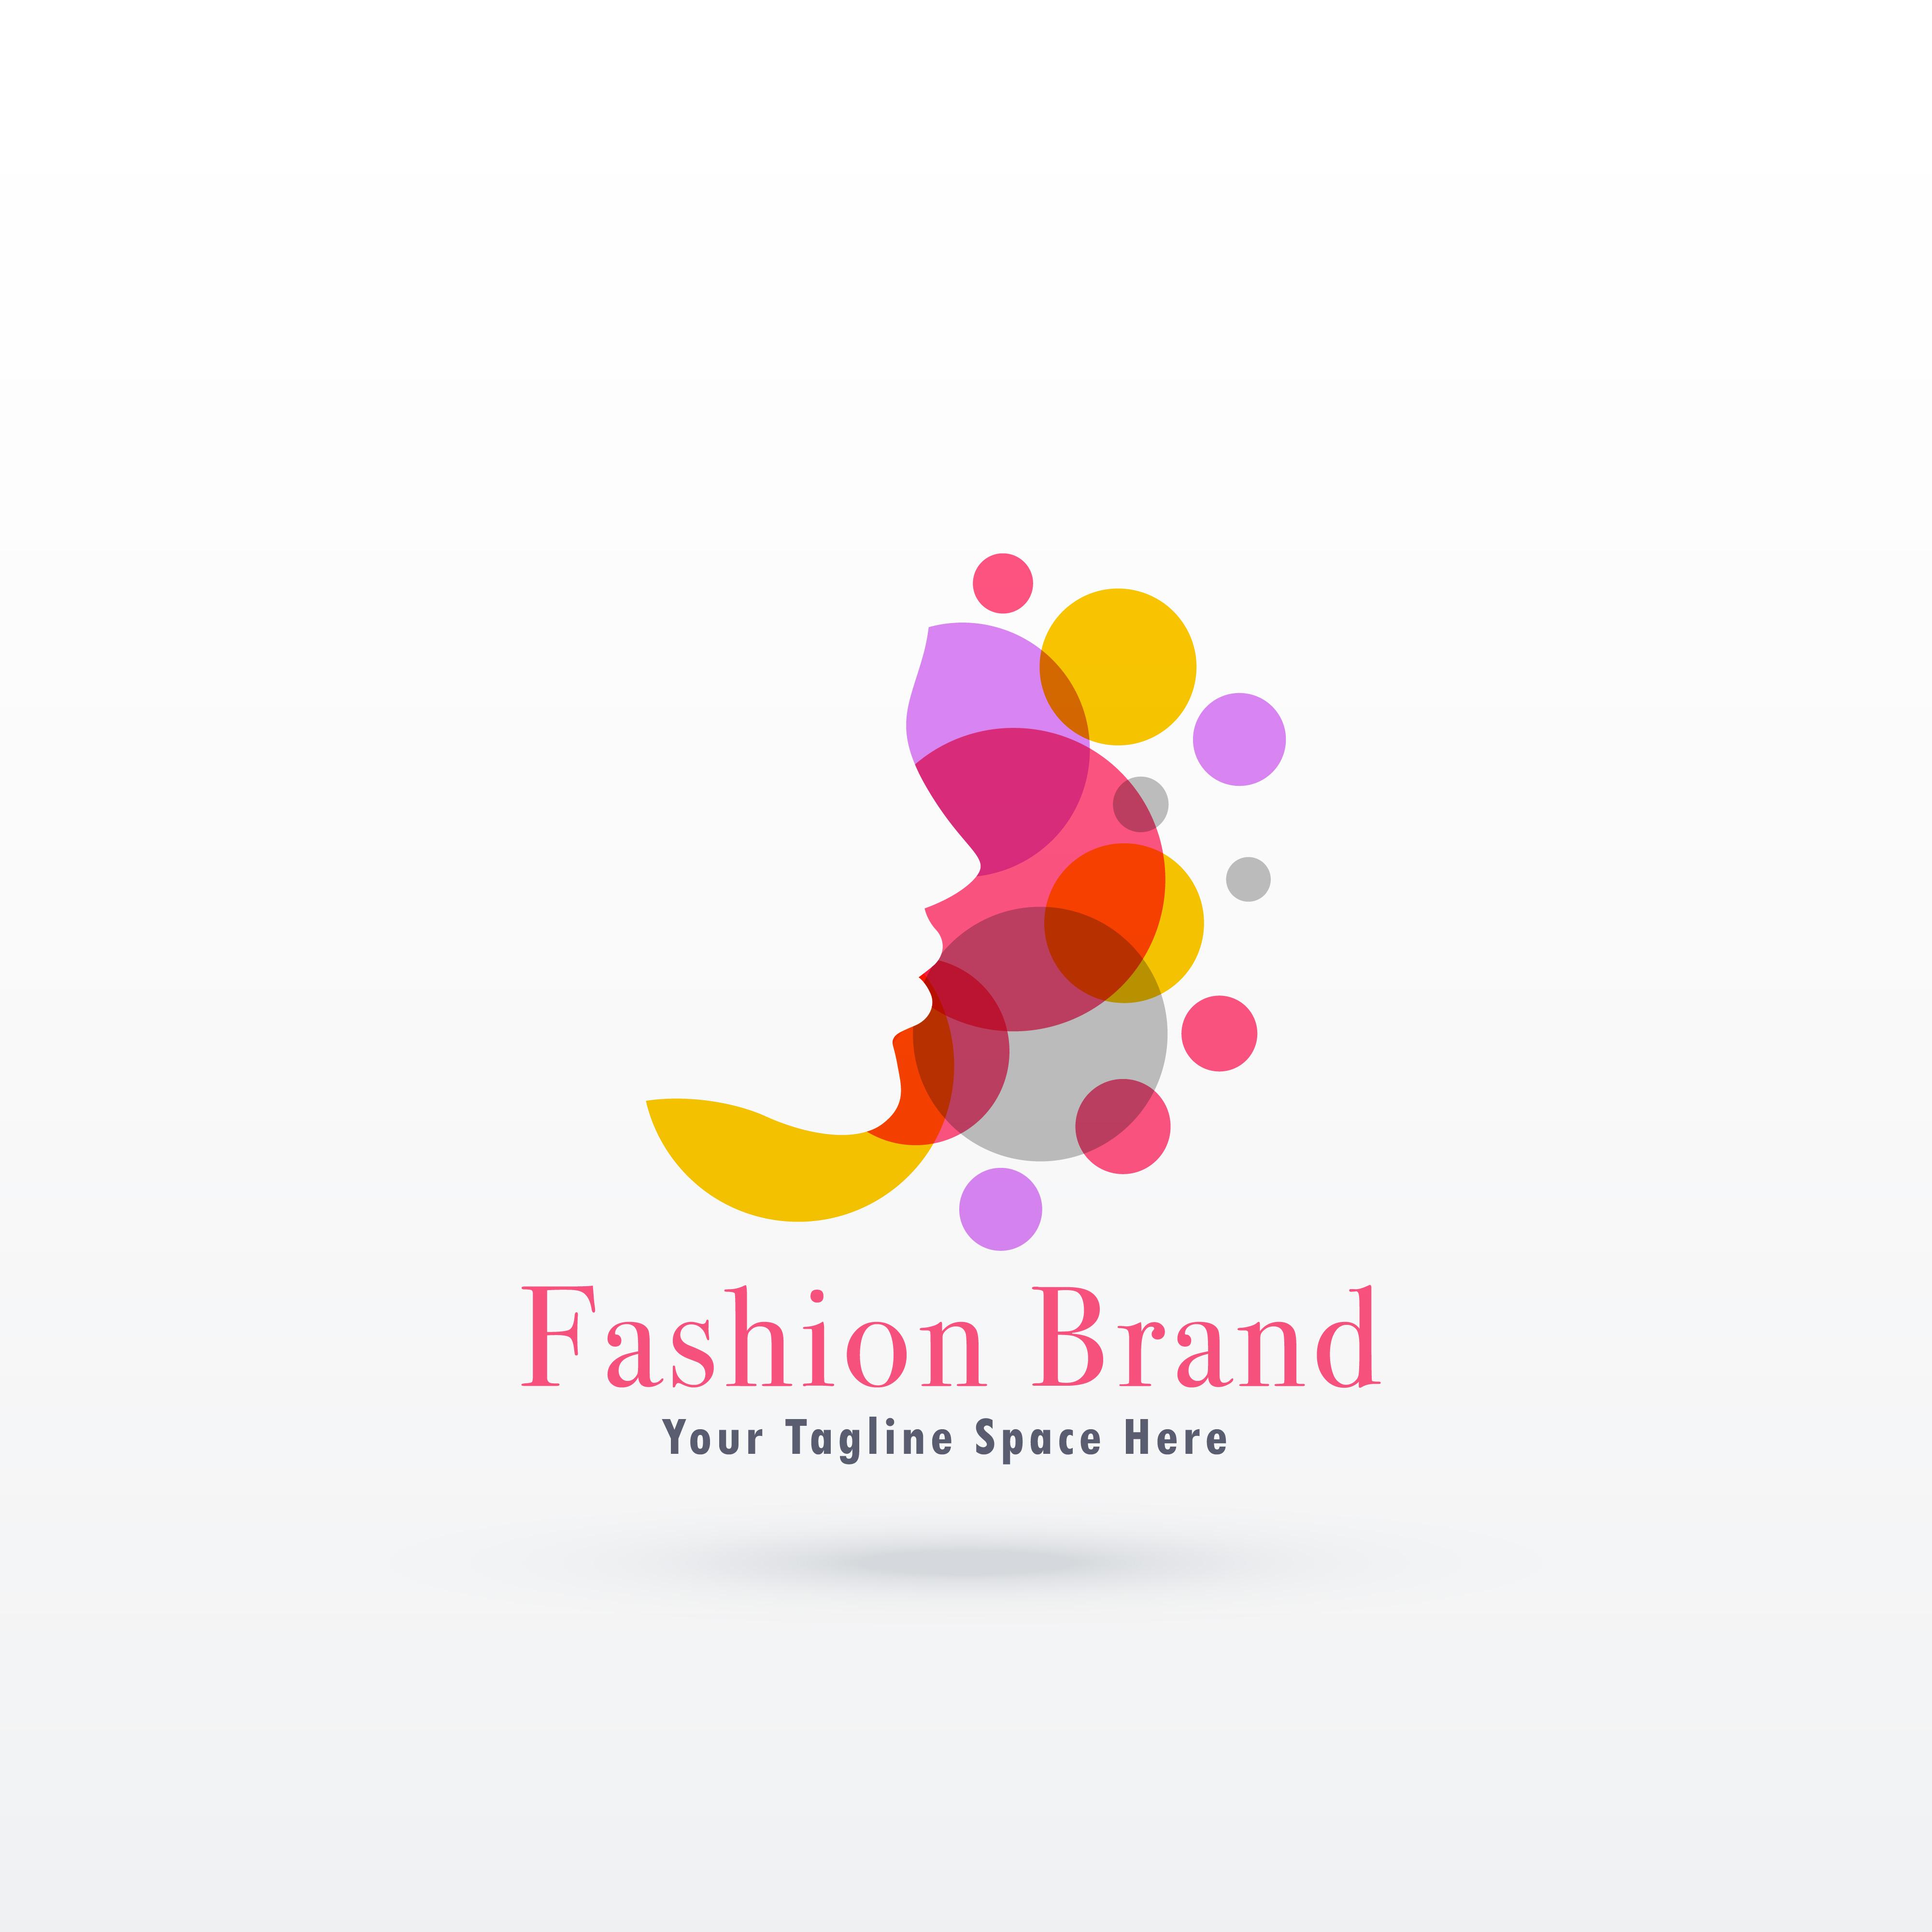 woman face logo concept design - Download Free Vector Art ...